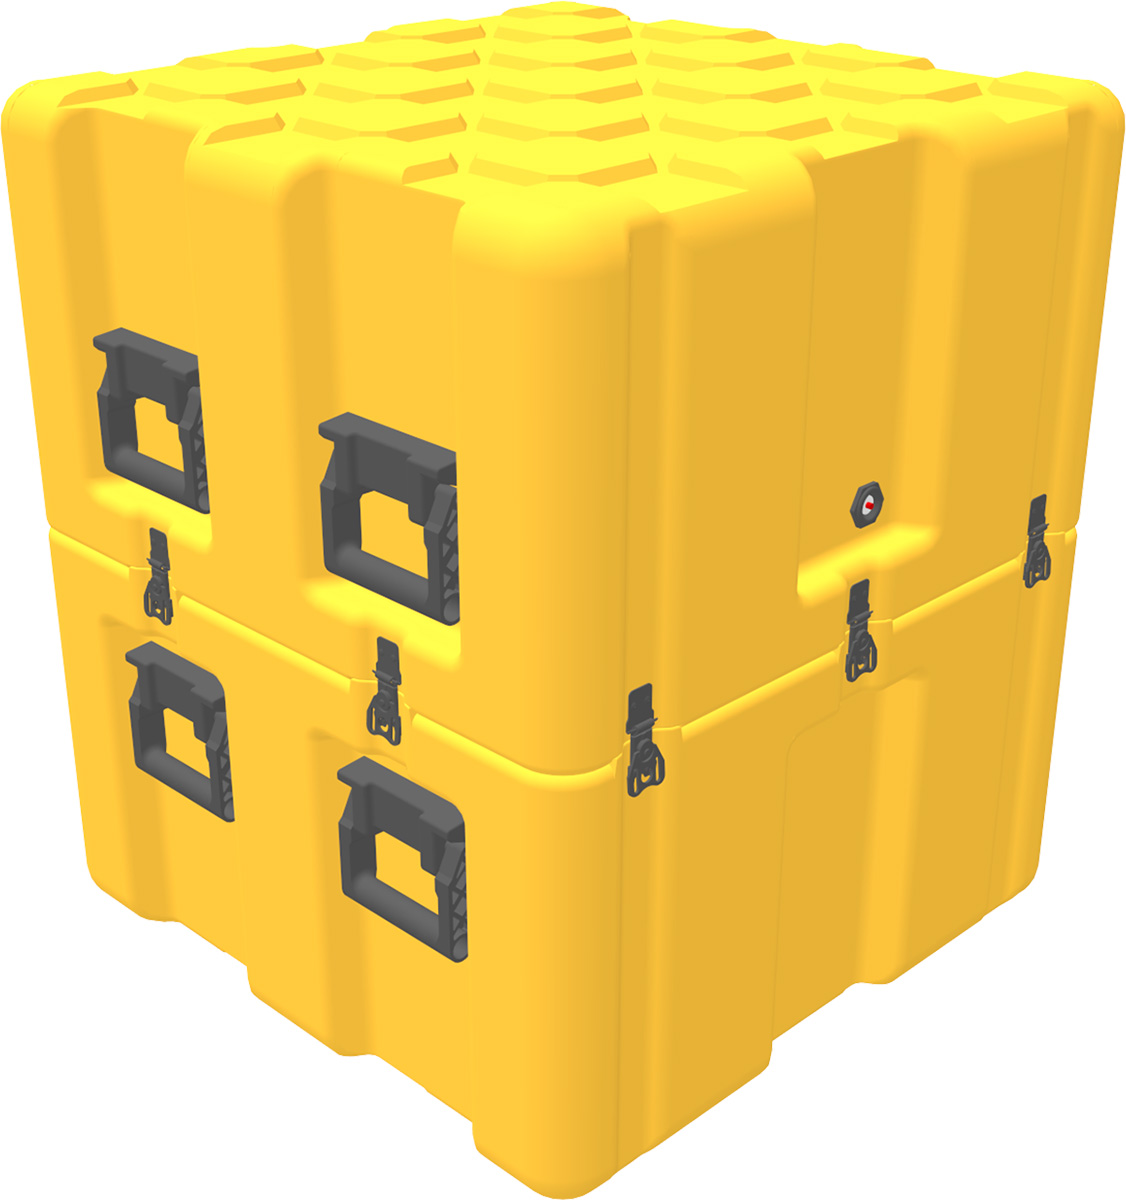 peli eu070070 4040 isp2 shipping case